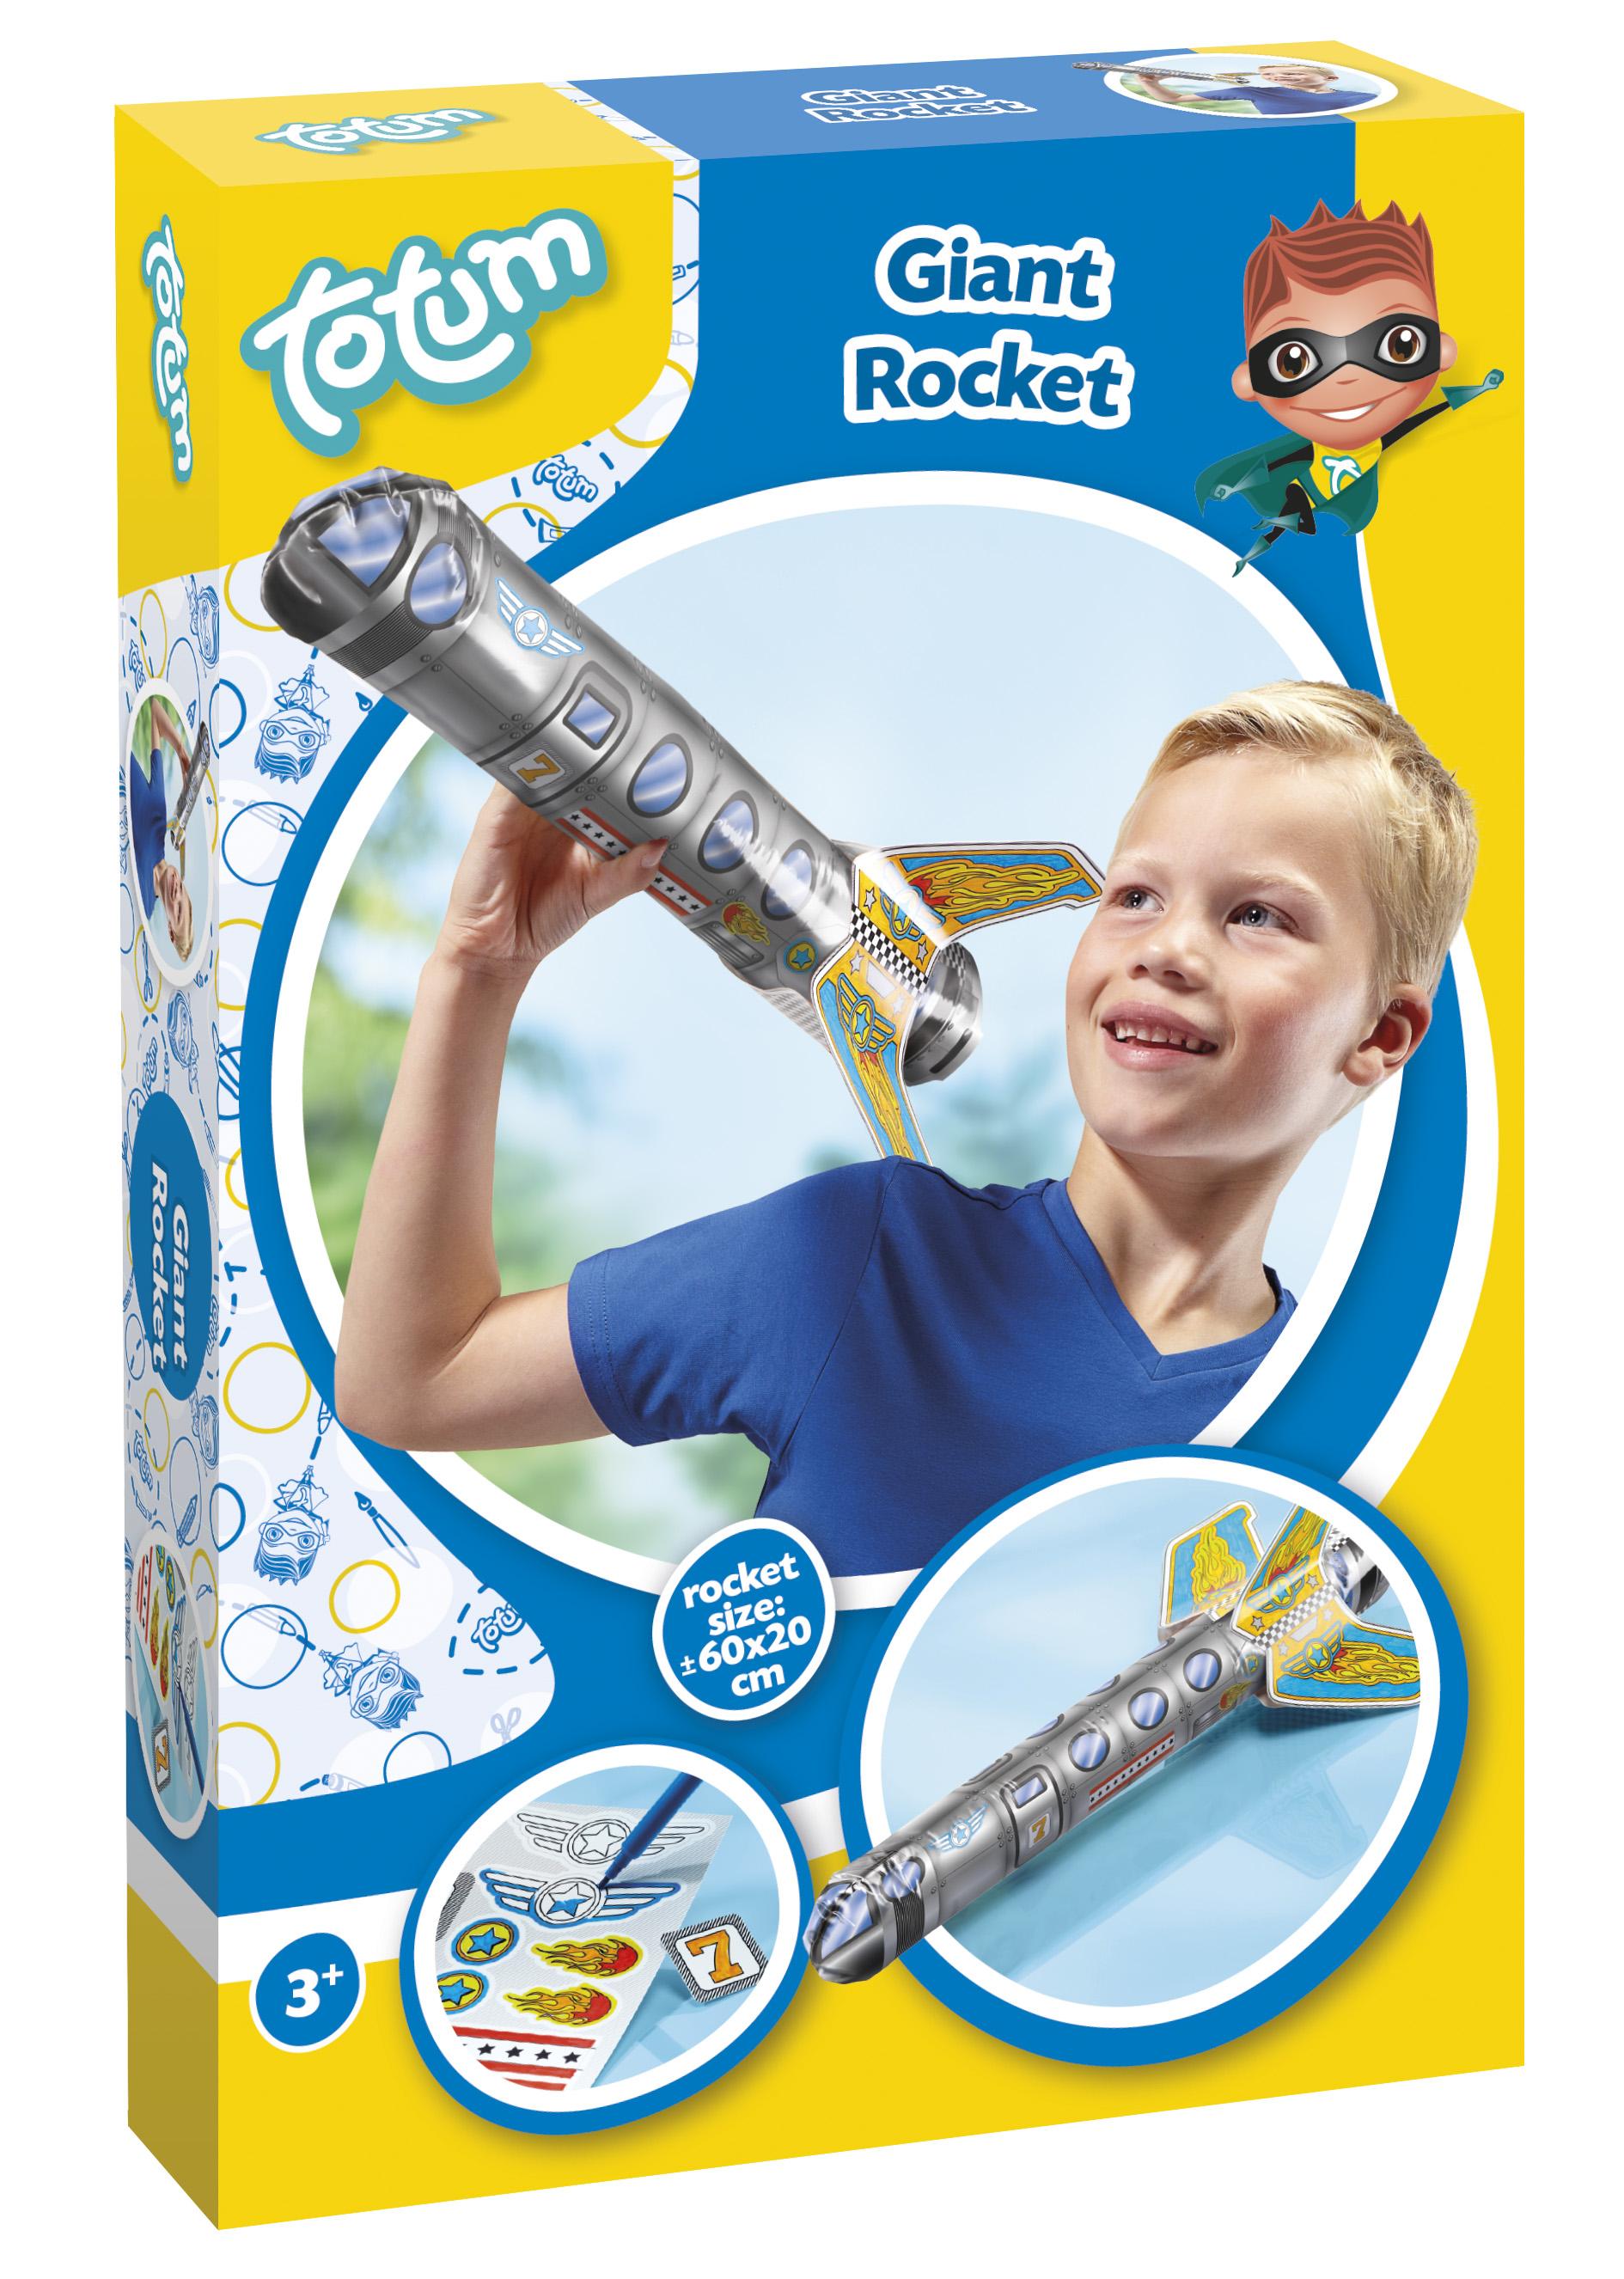 Totum Набор для изготовления игрушек Гигантская ракета Giant Rocket